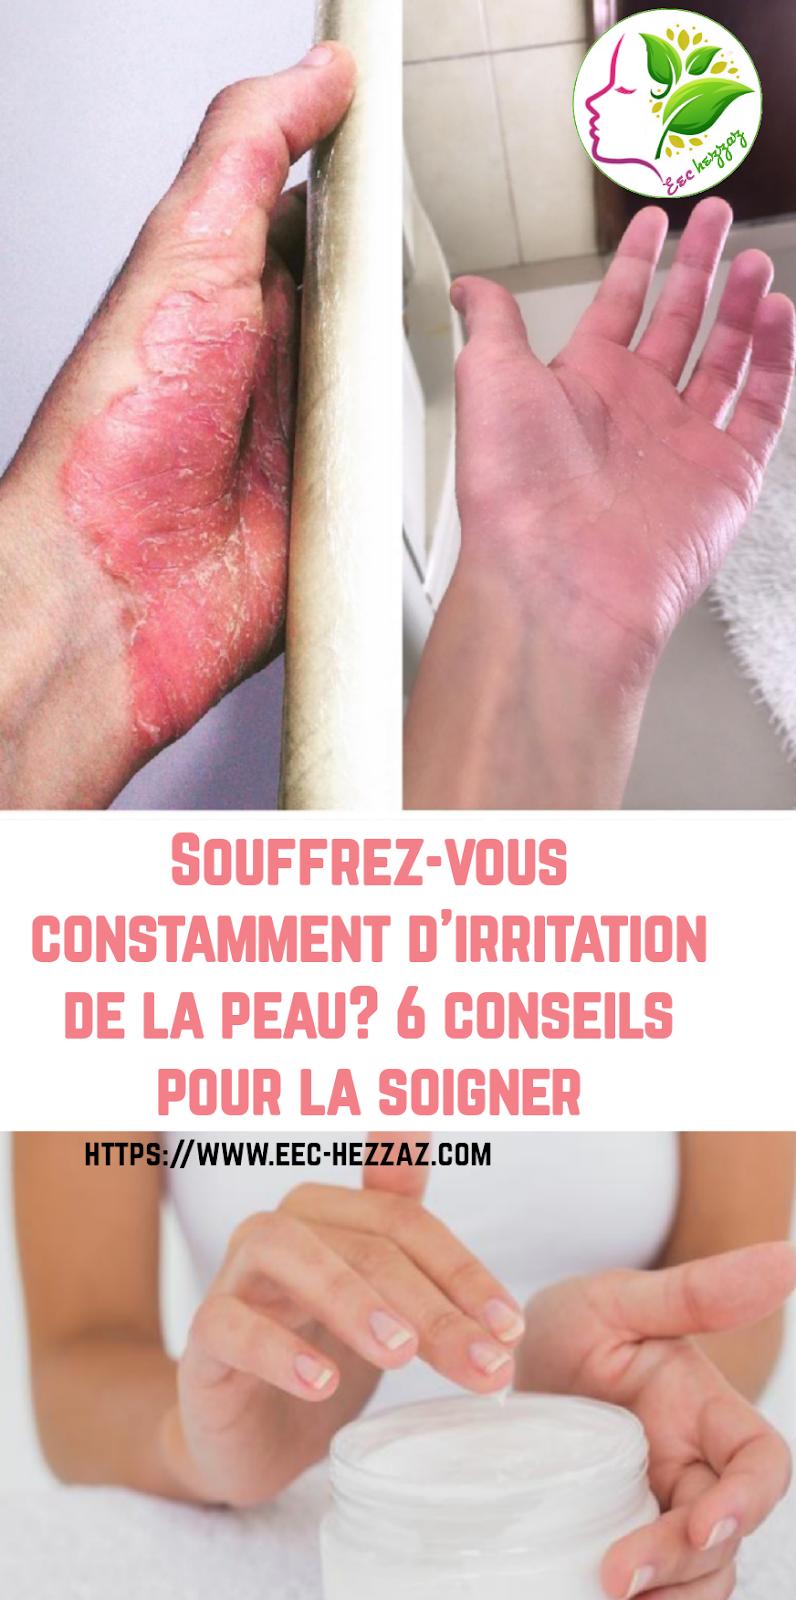 Souffrez-vous constamment d'irritation de la peau? 6 conseils pour la soigner